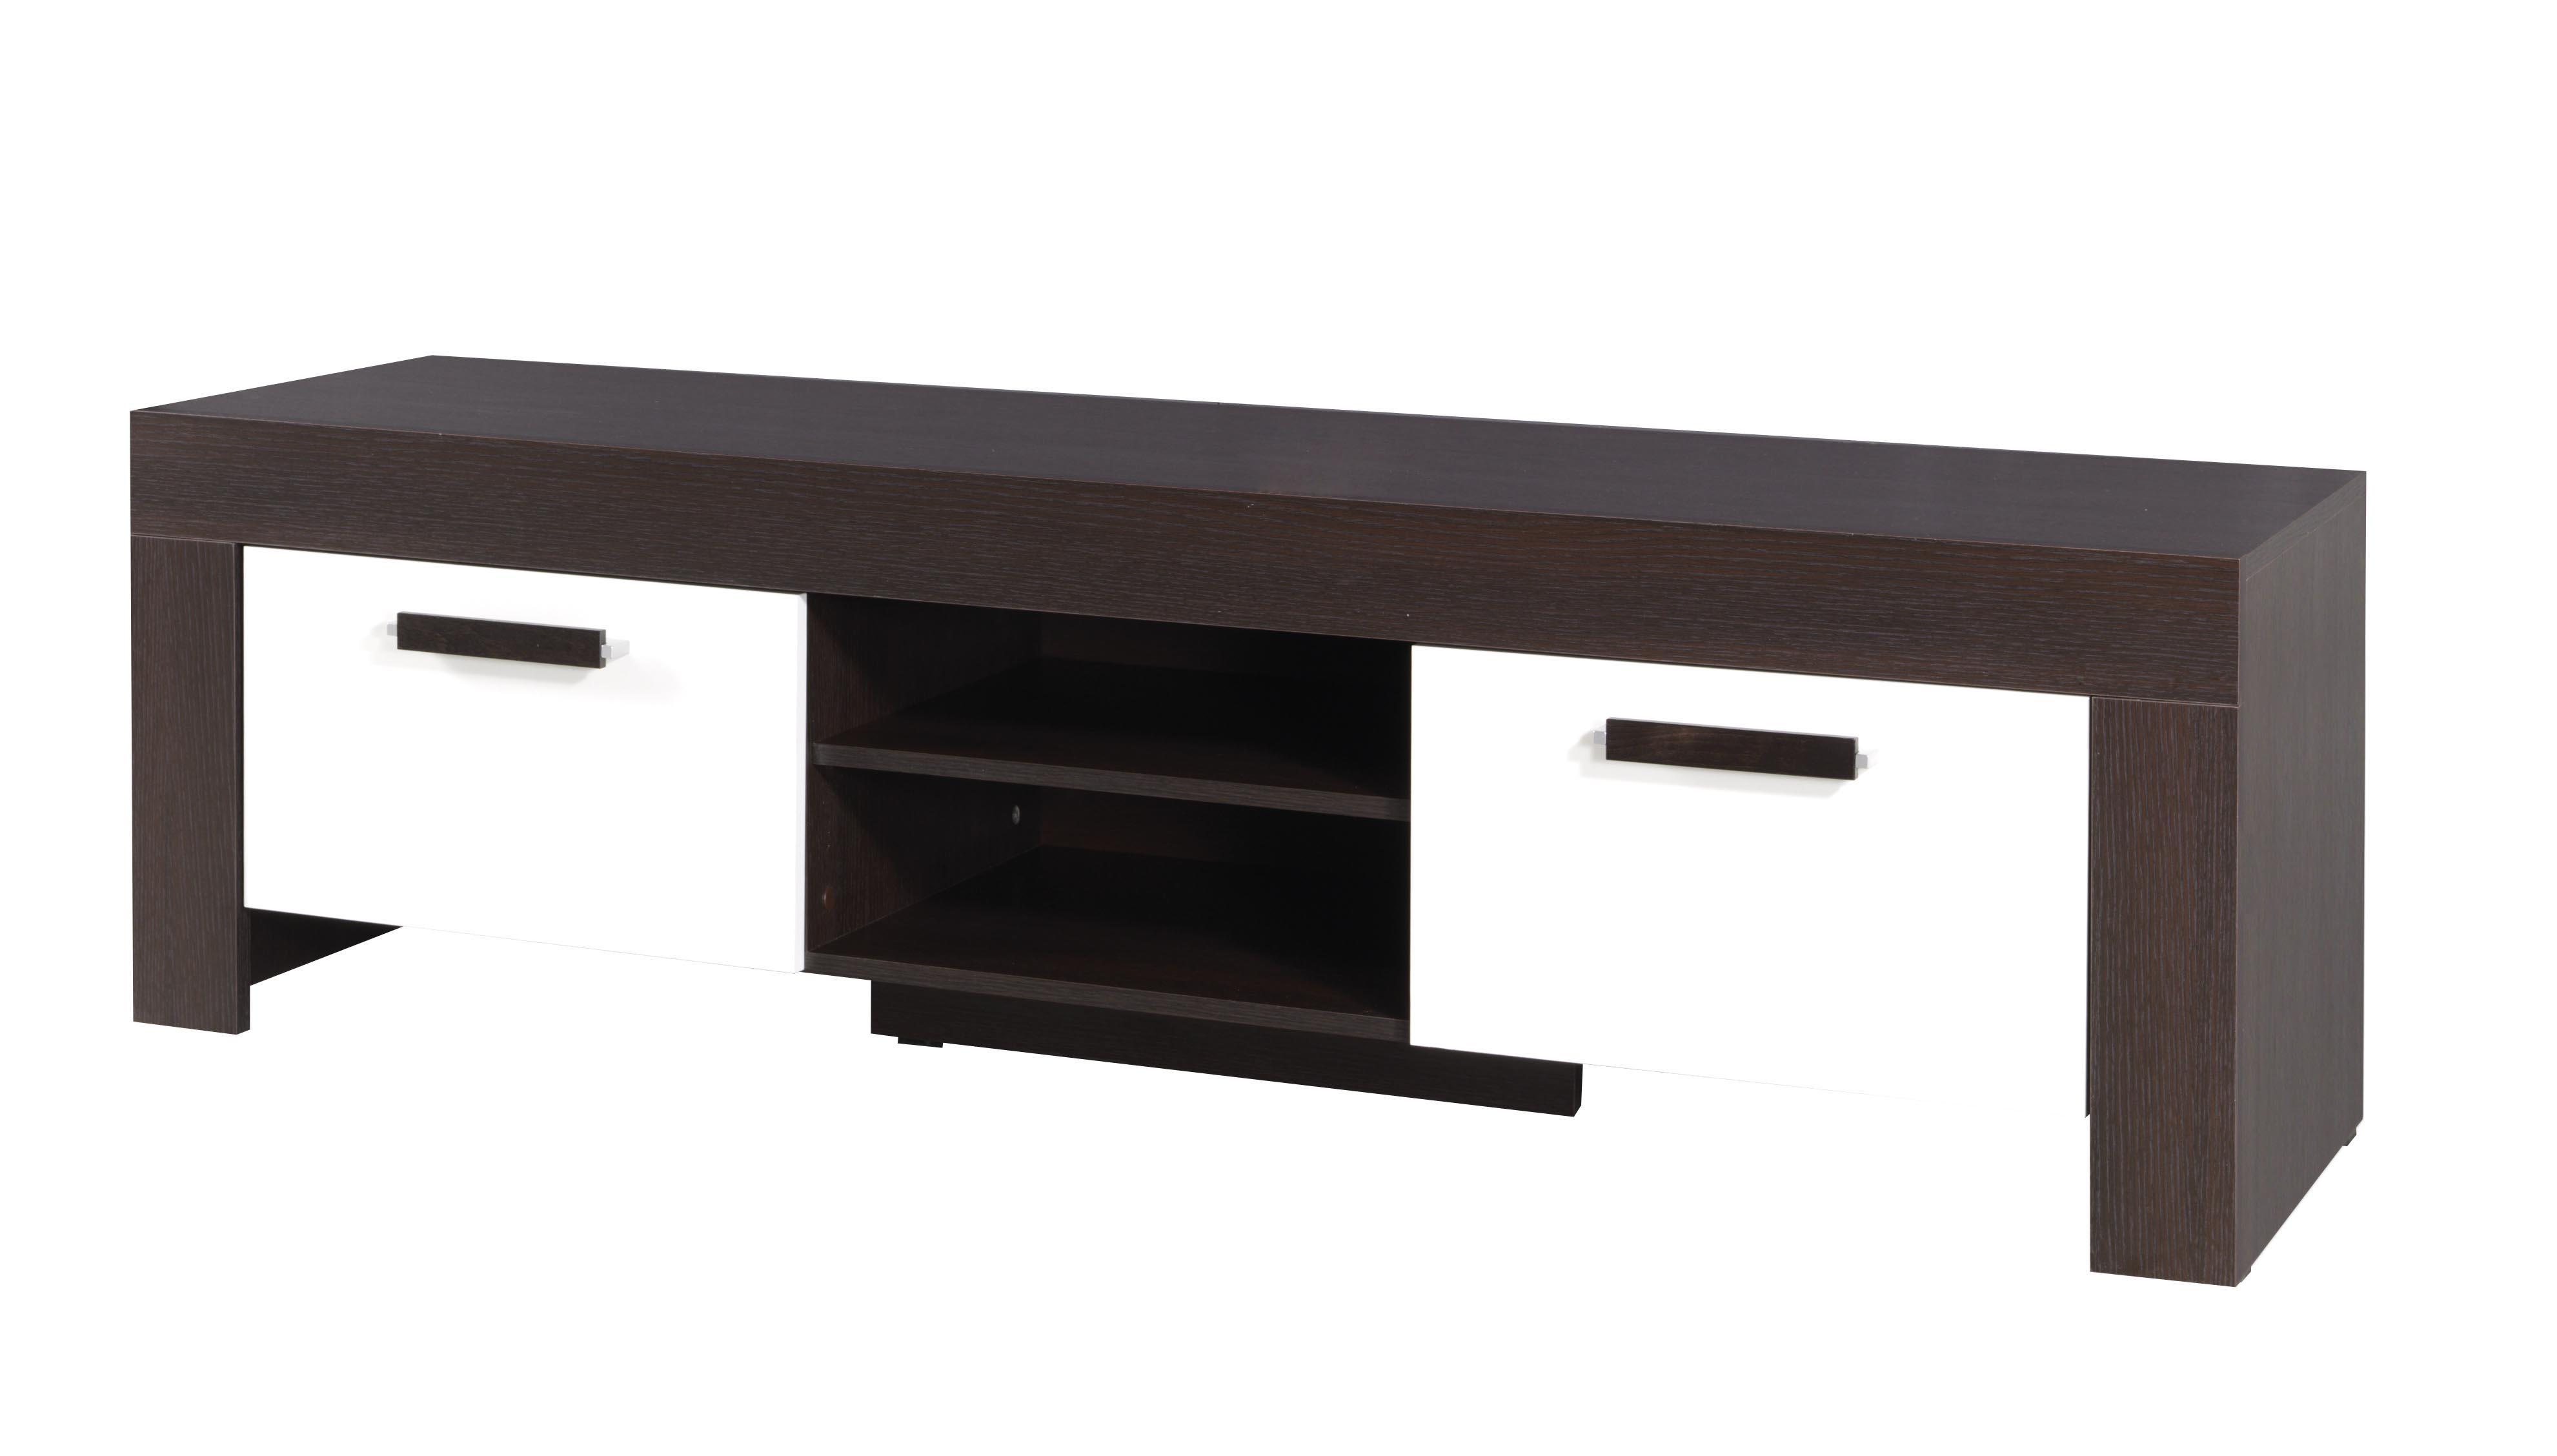 TV stolík/skrinka - Camber - C14 (milano + krémová). Akcia -33%. Vlastná spoľahlivá doprava až k Vám domov.